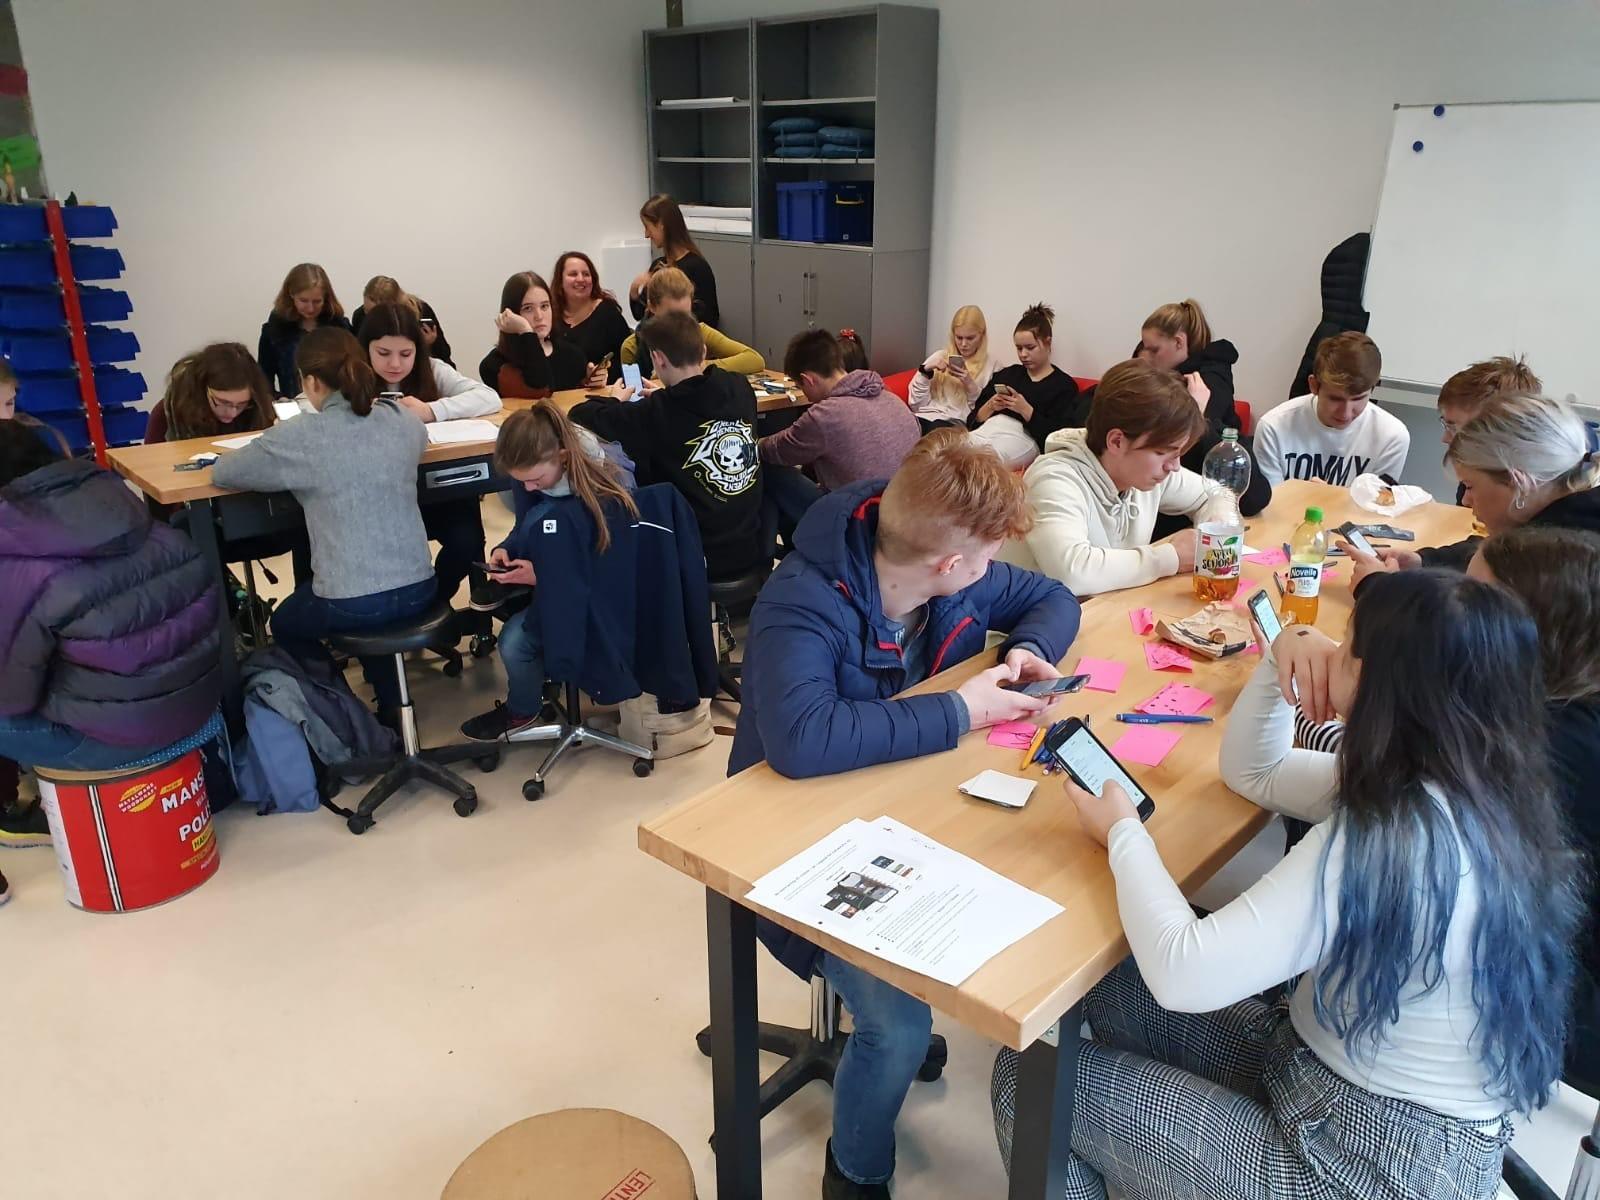 Internationale Schüler tauchen mit Mapstar in die Welt von Augmented Reality ein